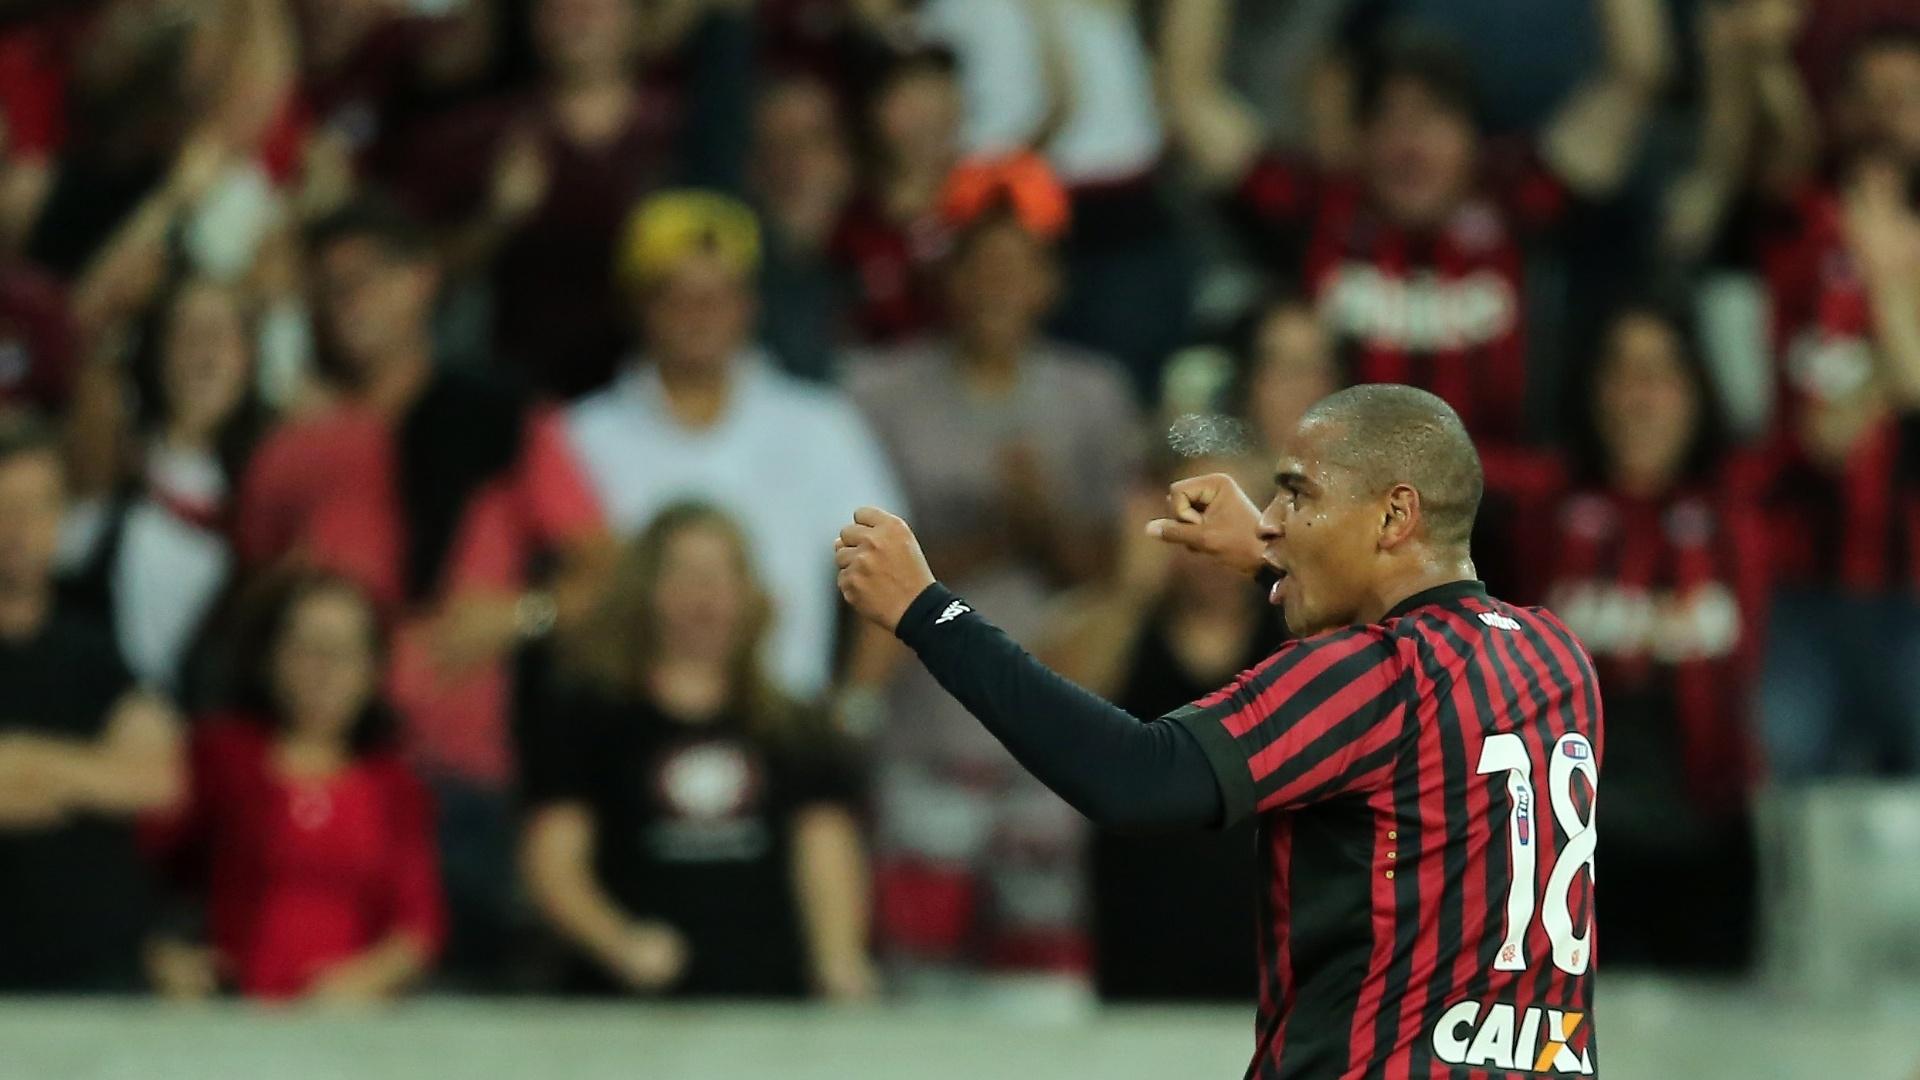 Walter foi o autor dos dois gols do Atlético-PR contra o Goiás